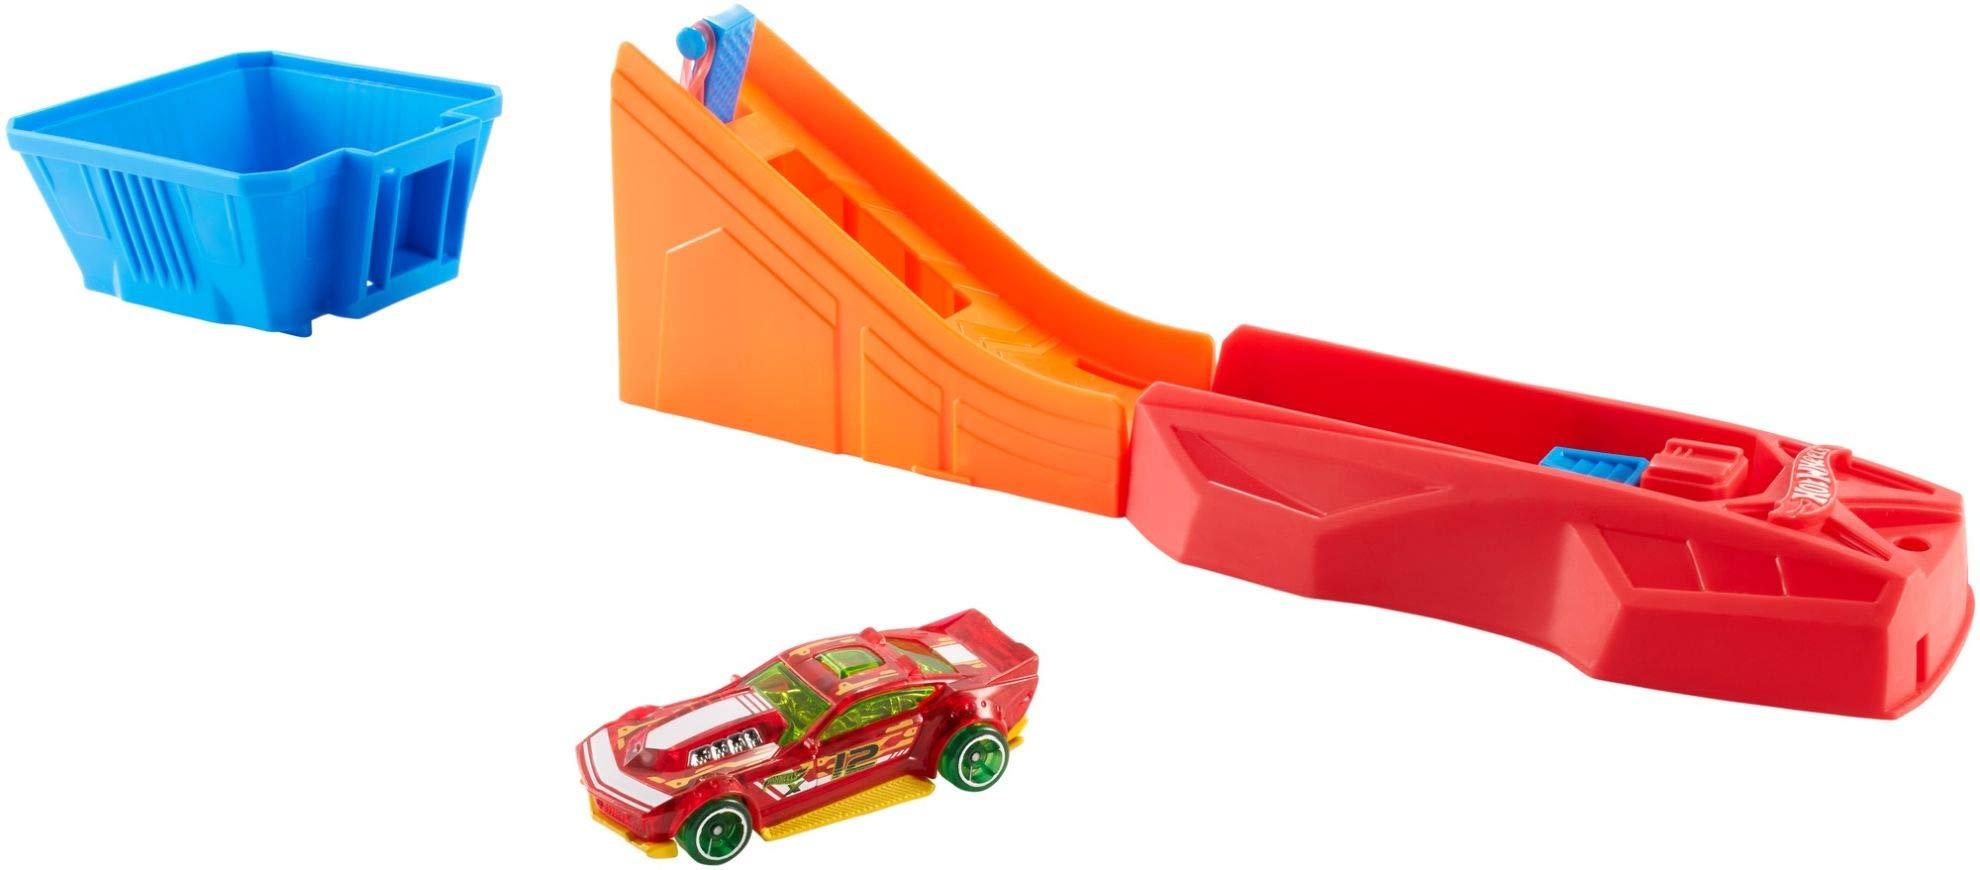 Hot Wheels Lanzacoches destripador, lanzadora de coches de juguete (Mattel FTH83) , color/modelo surtido: Amazon.es: Juguetes y juegos